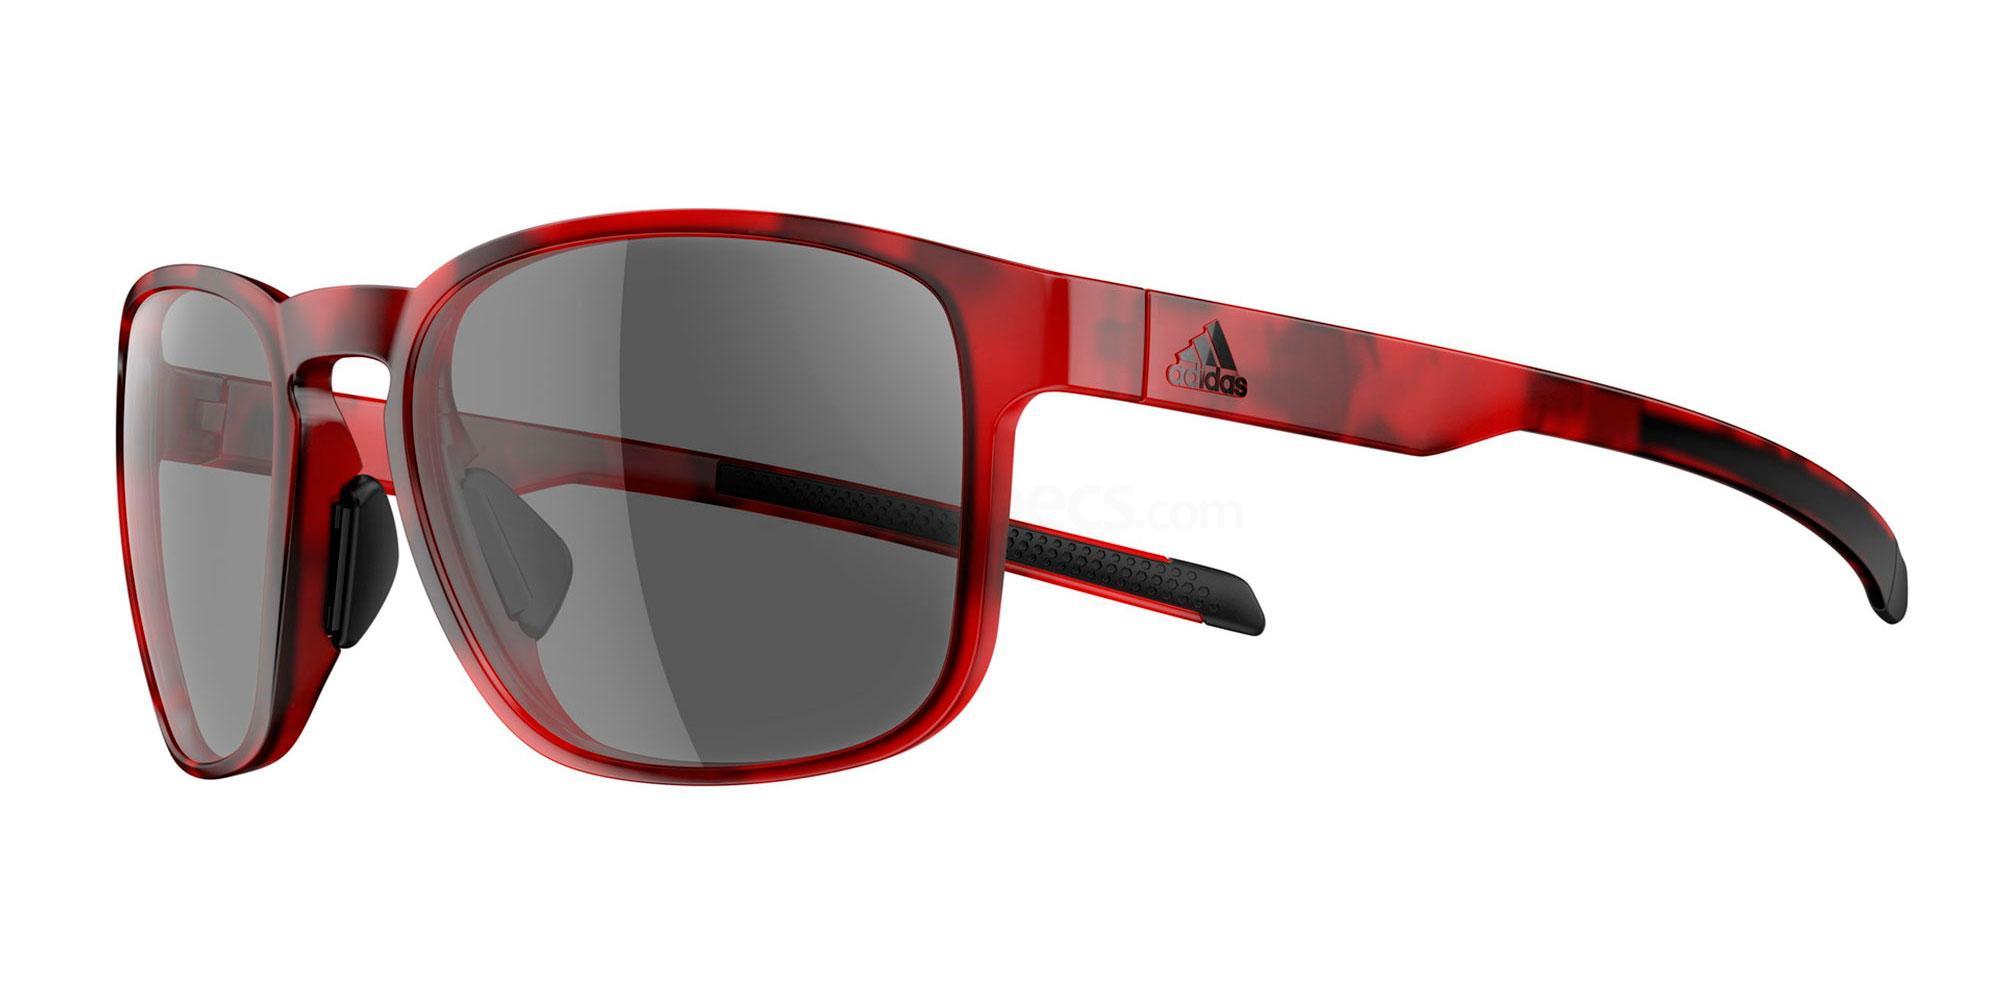 ad32 75 3000 ad32 Protean Sunglasses, Adidas